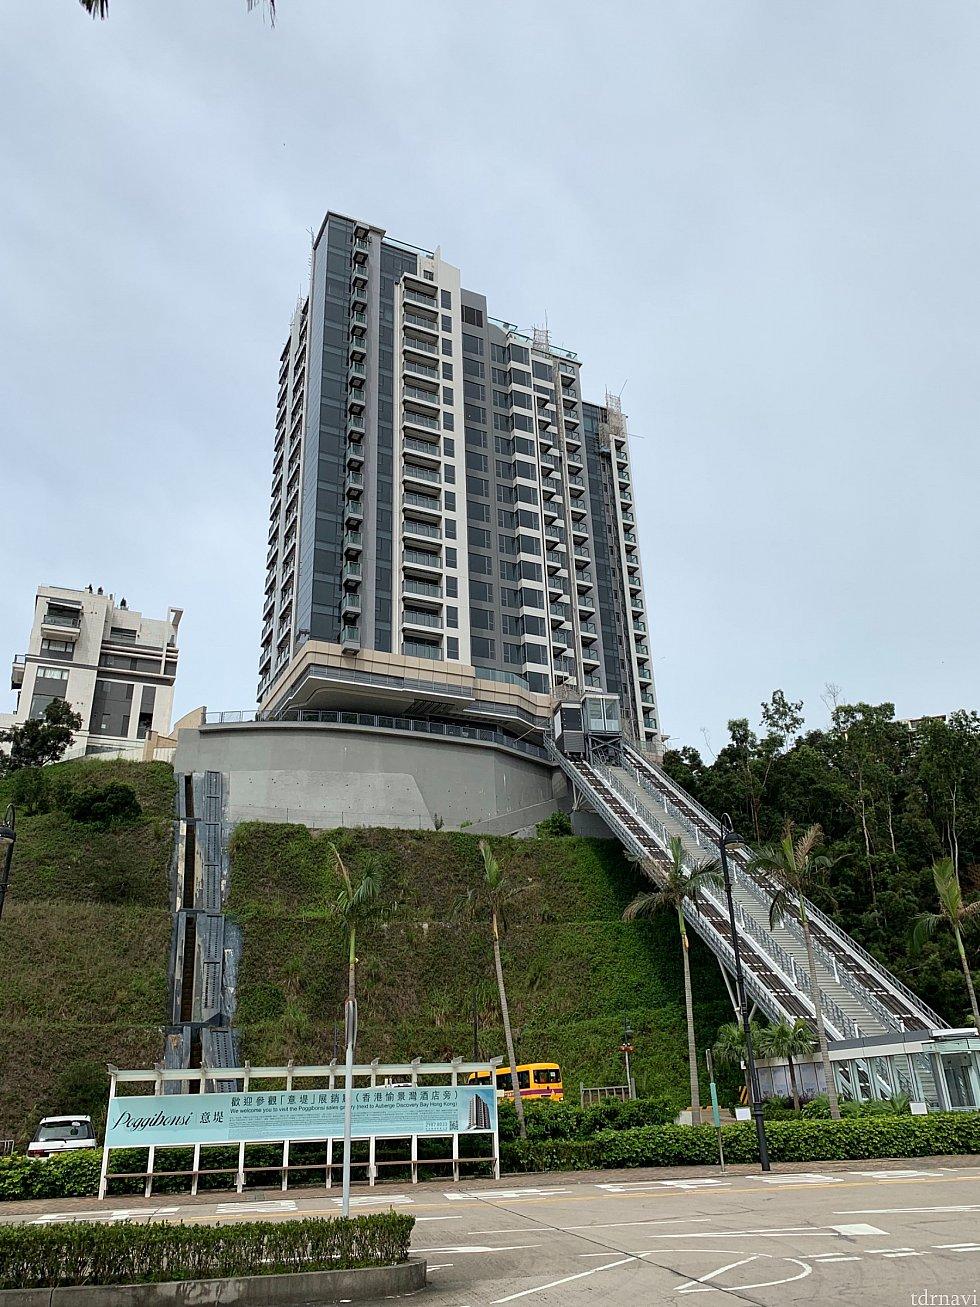 ホテルの反対側には別のホテルへつながるエレベータがあります。 トンネル抜けなくてもこちらから抜けられるかも???